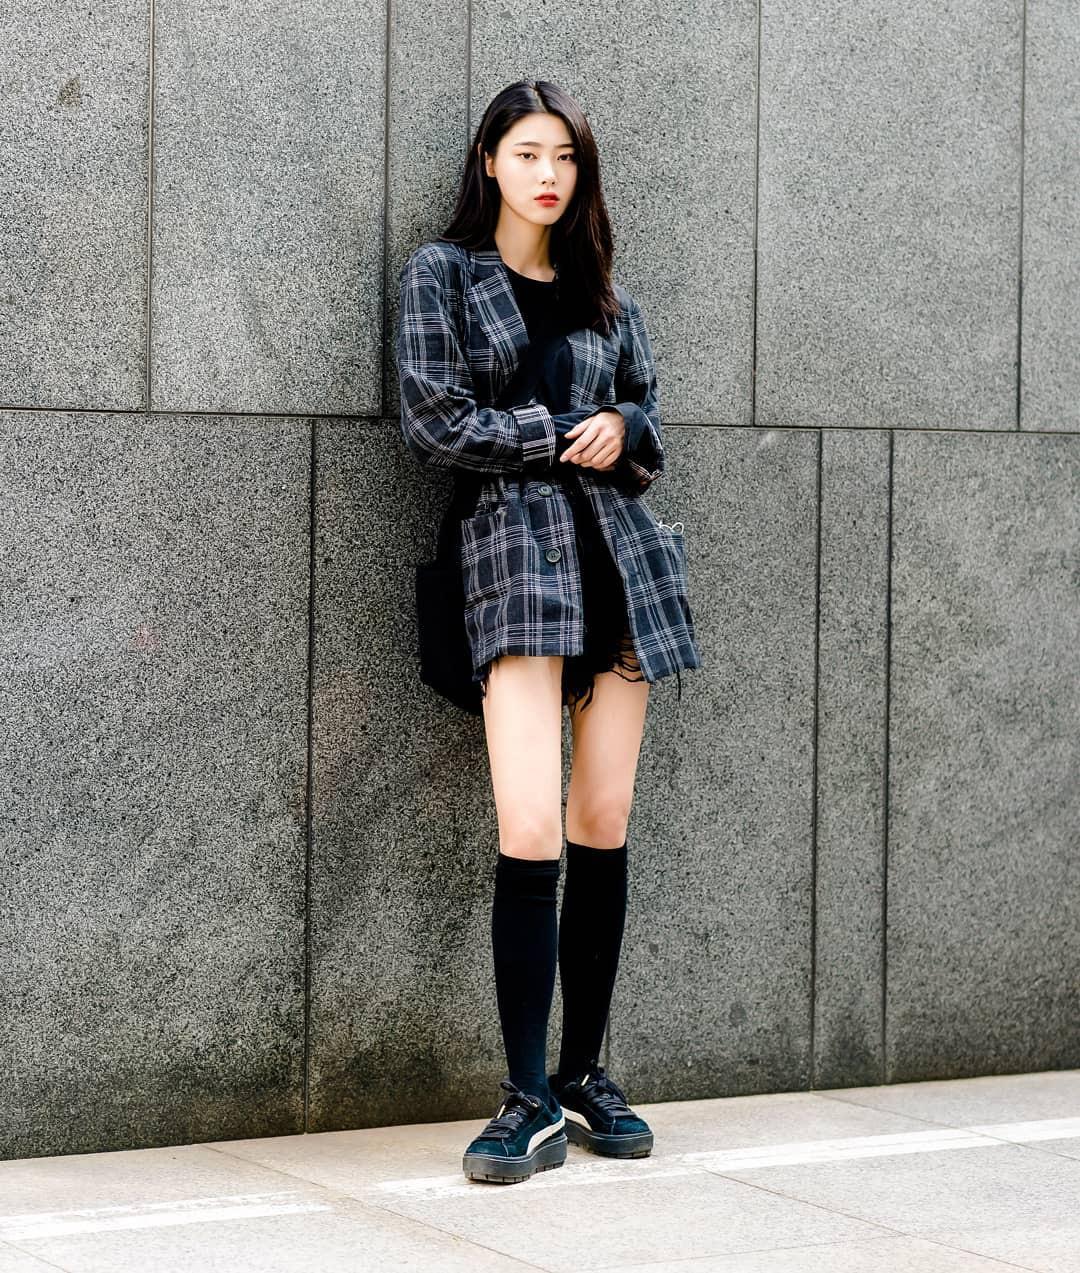 Giới trẻ Hàn thật siêu, chẳng cần diện đồ lồng lộn mà vẫn đẹp bá cháy - Ảnh 1.